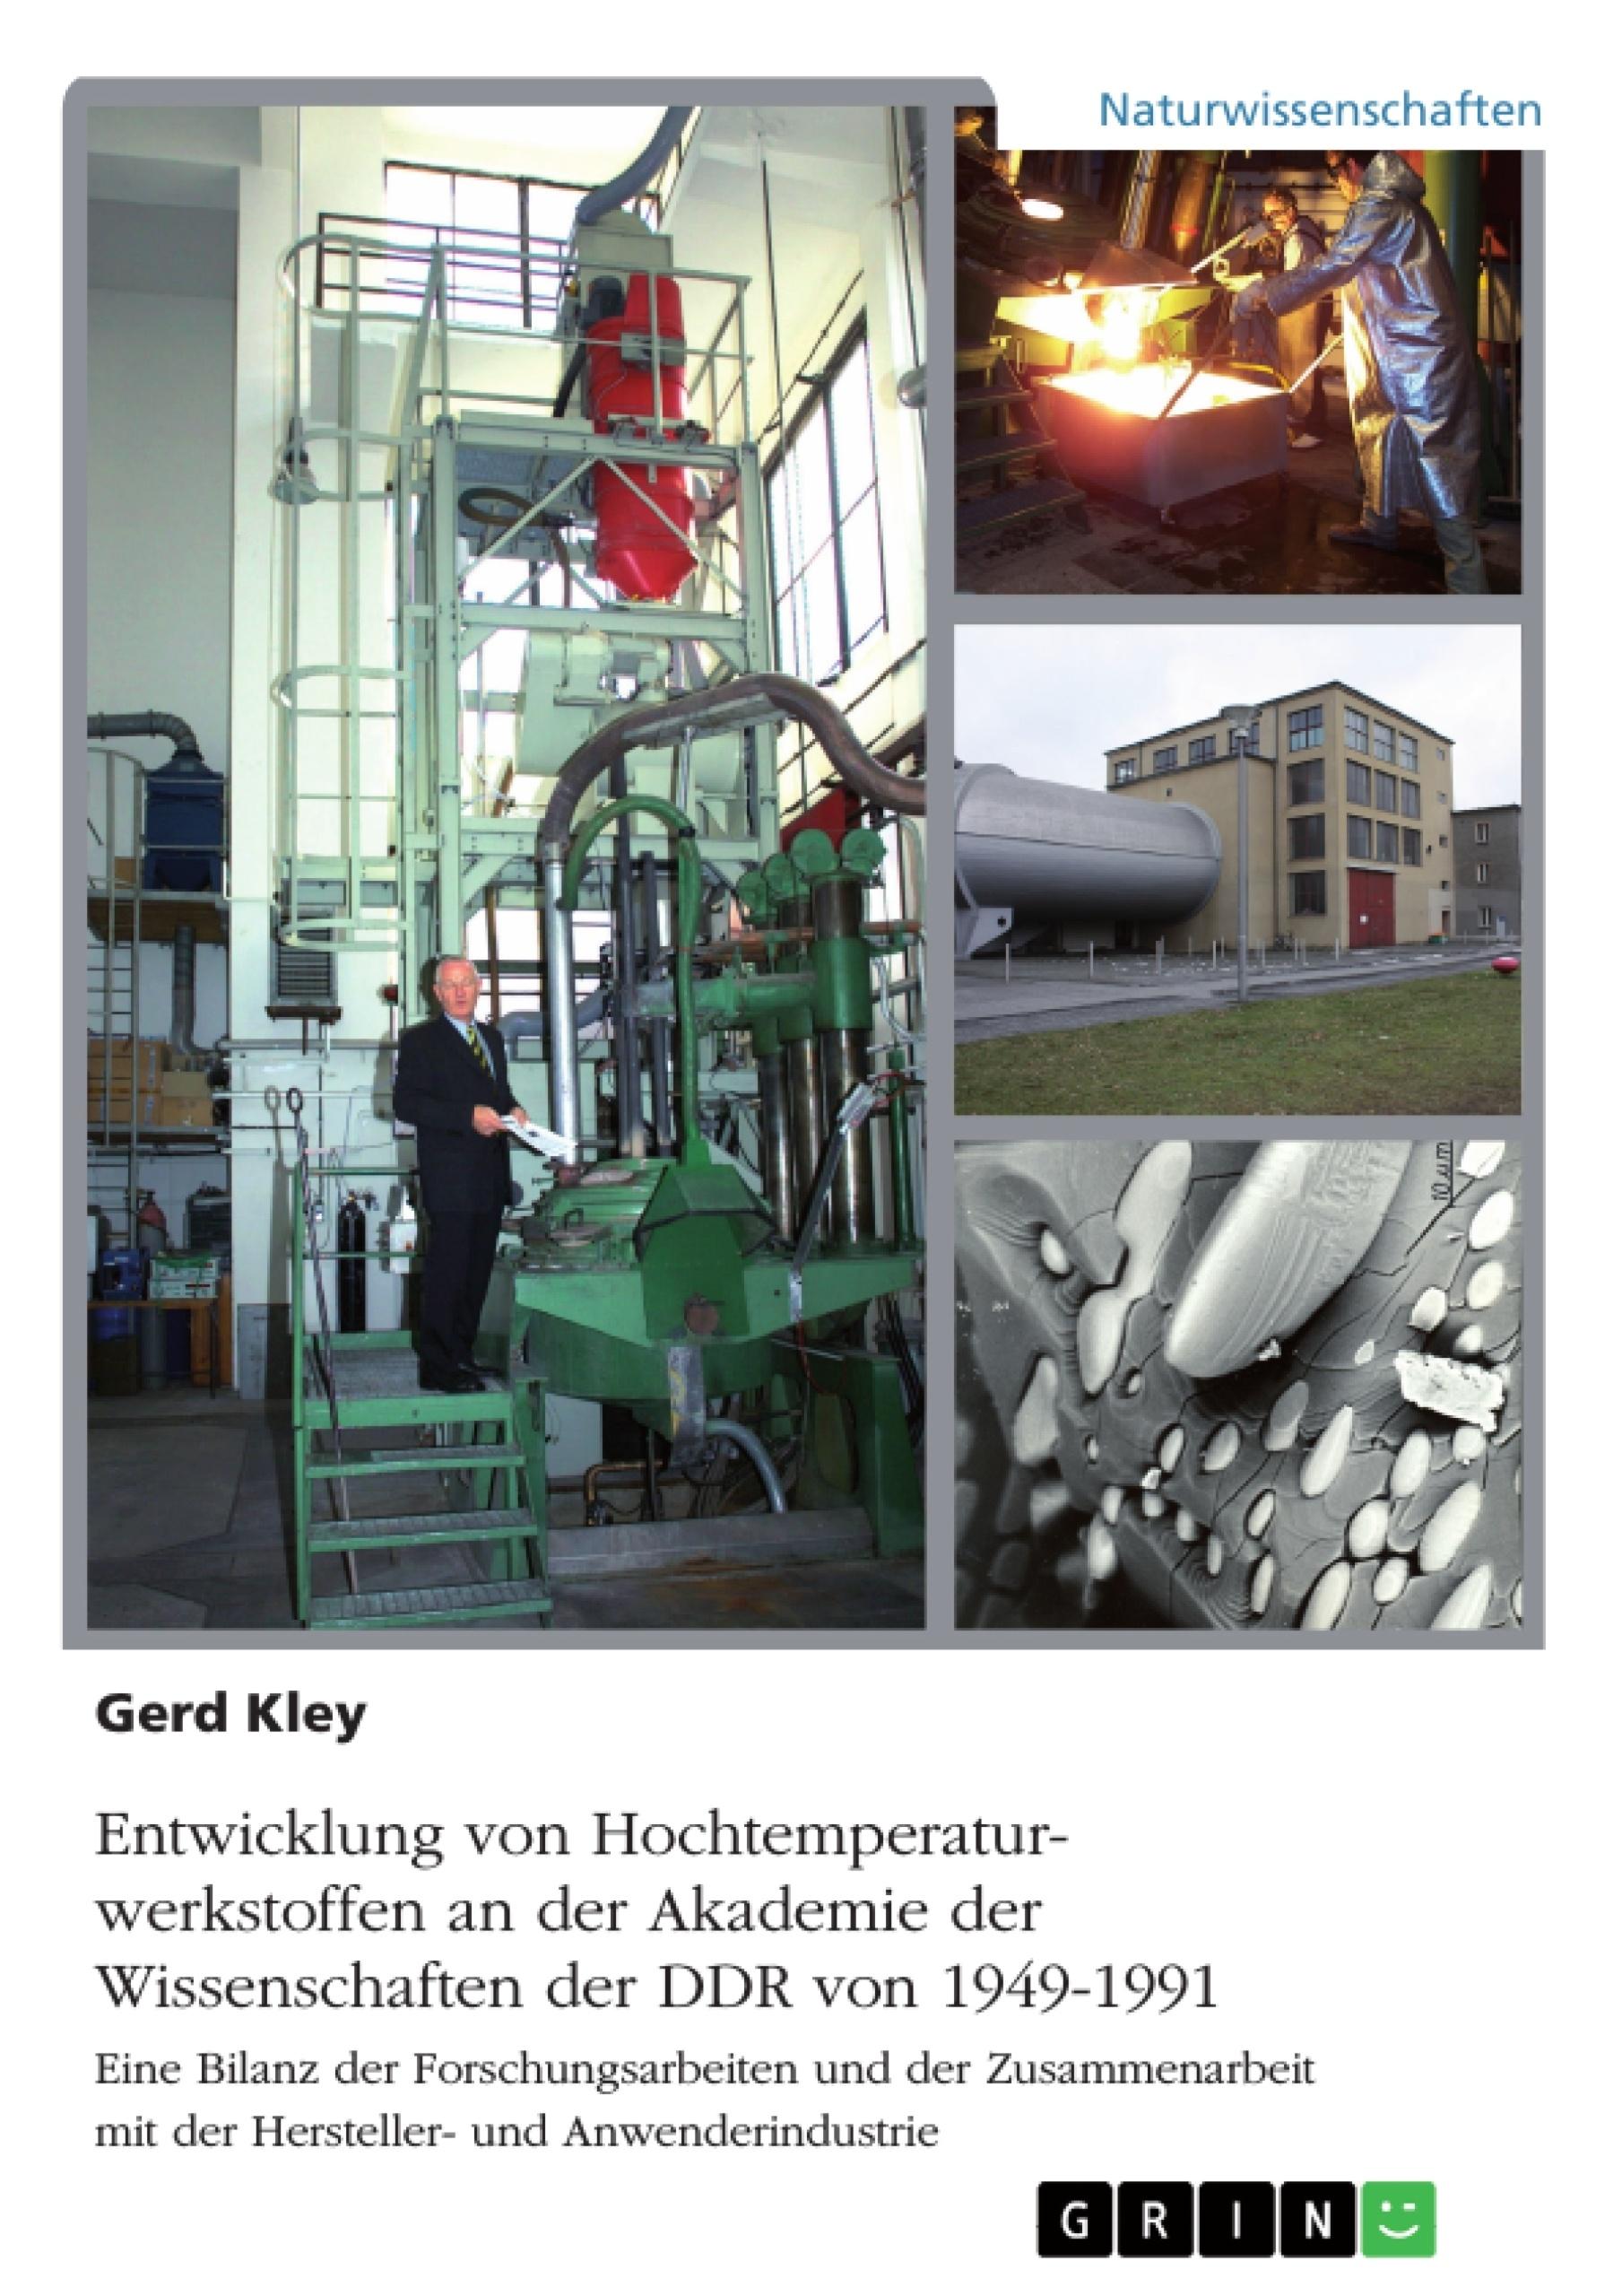 Titel: Entwicklung von Hochtemperaturwerkstoffen an der Akademie der Wissenschaften der DDR von 1949-1991